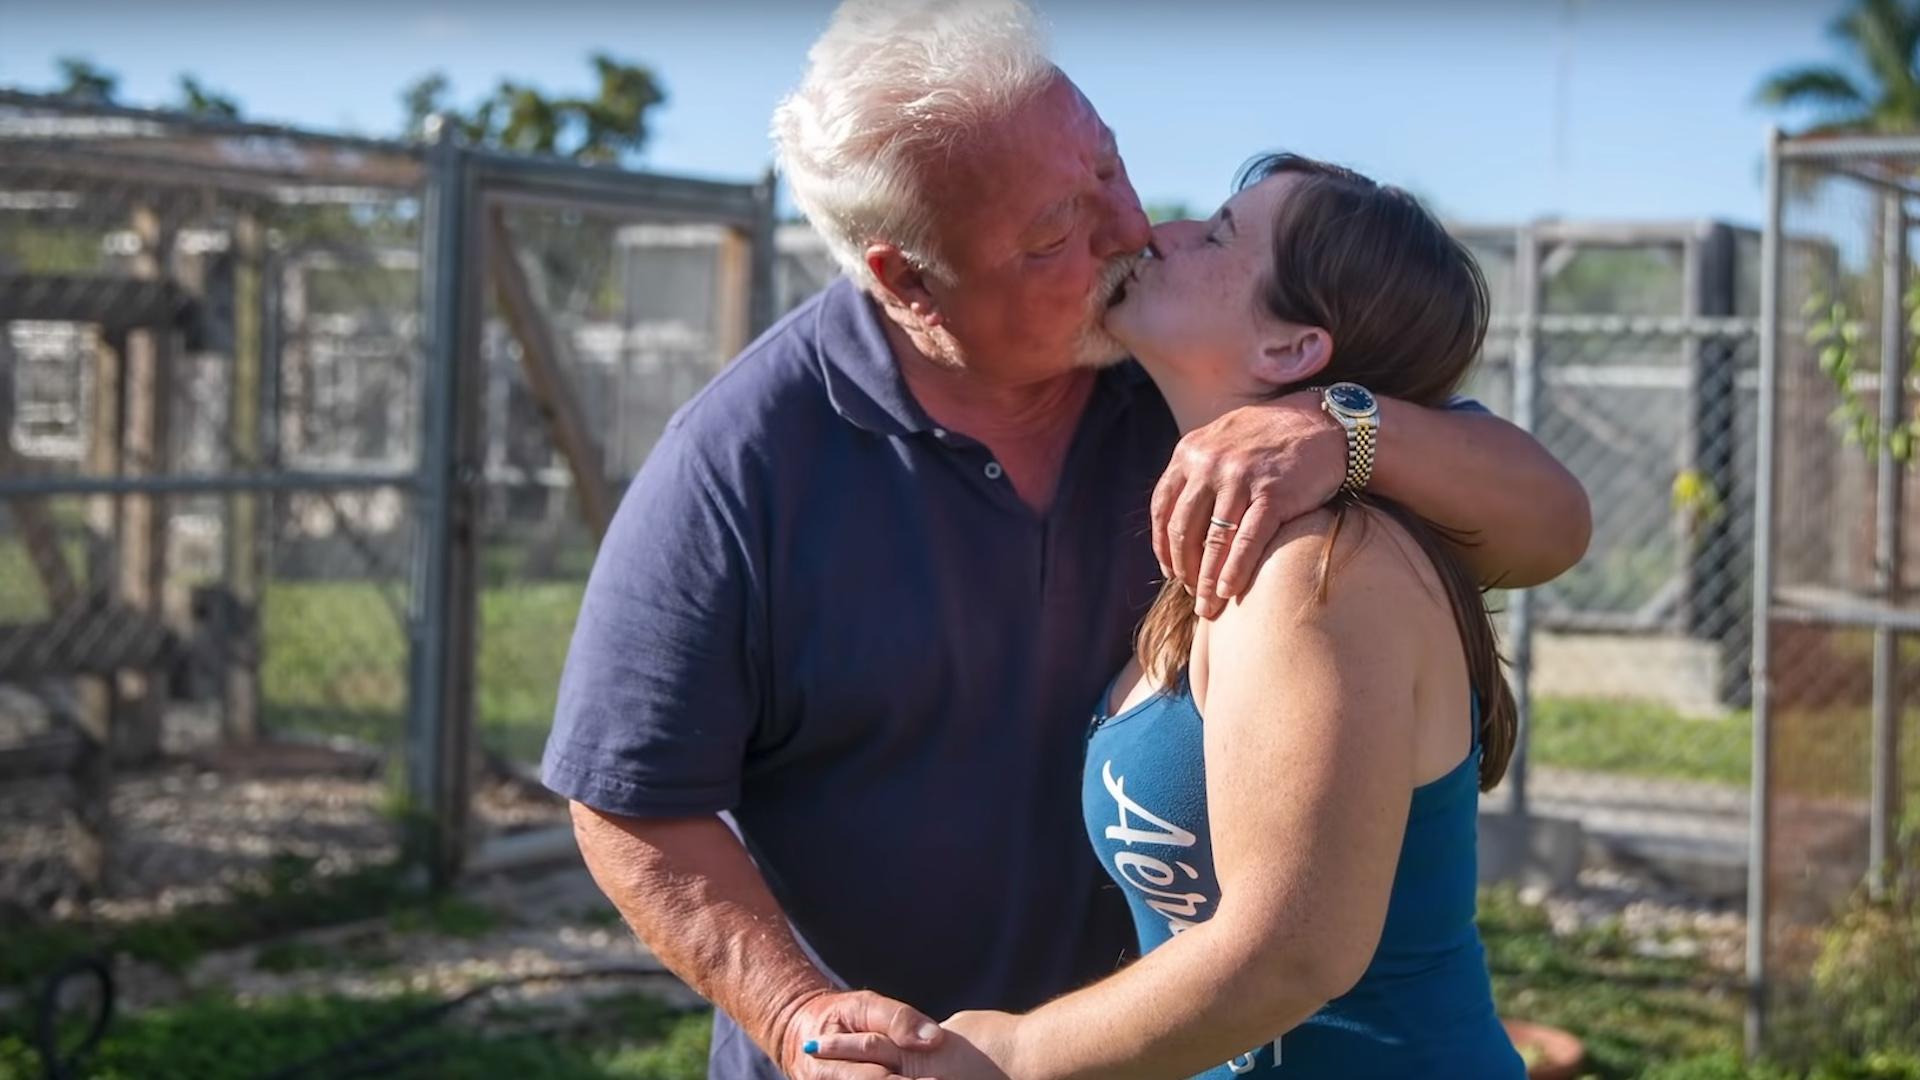 Toma i Stacey dzieli 32 lata. Są małżeństwem